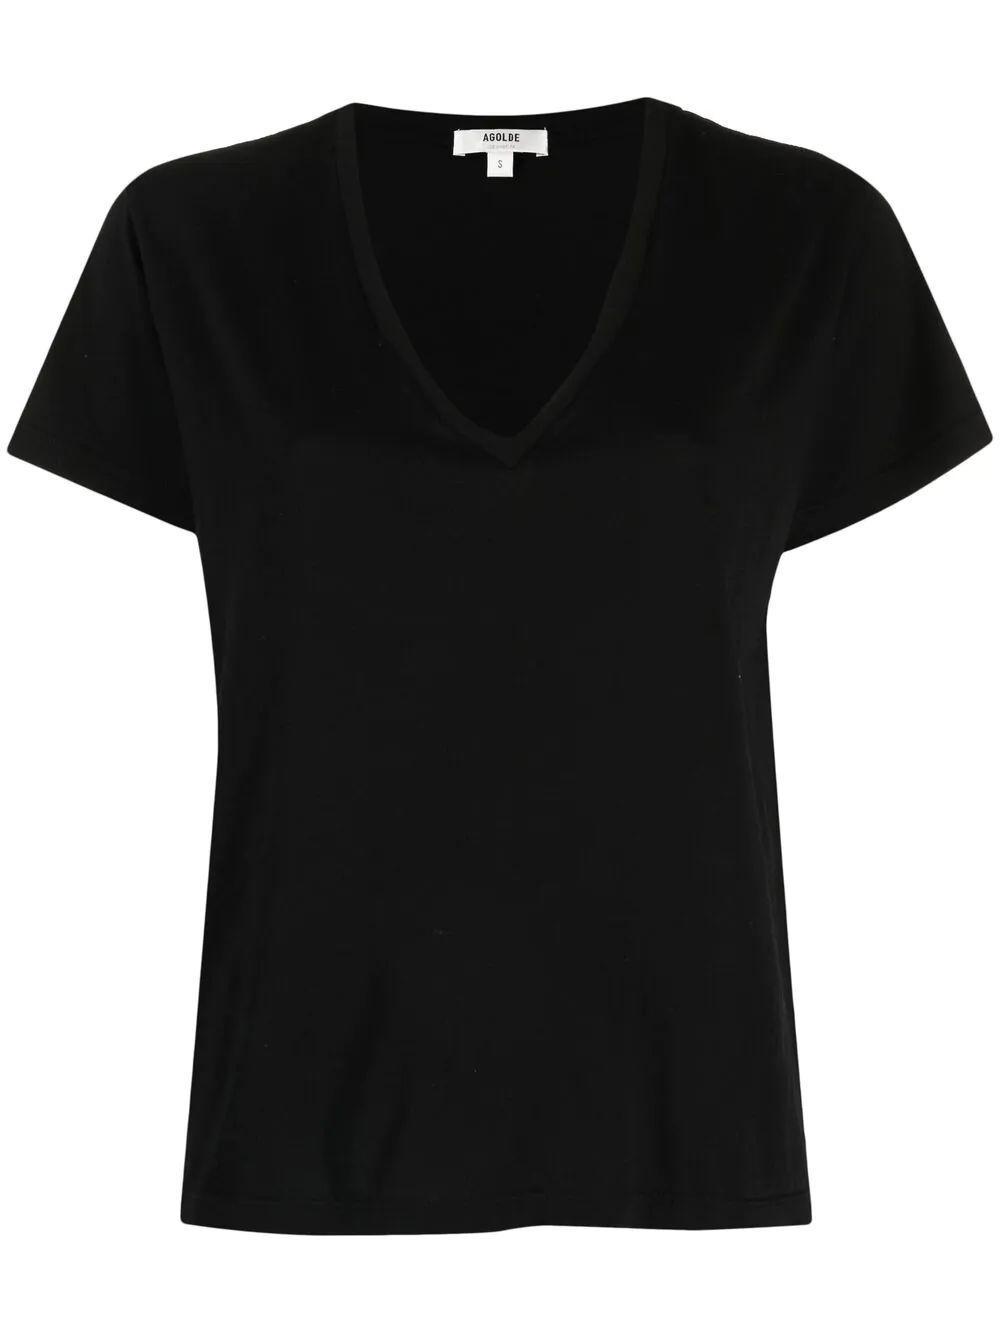 Thea V- Neck T- Shirt Item # A7079